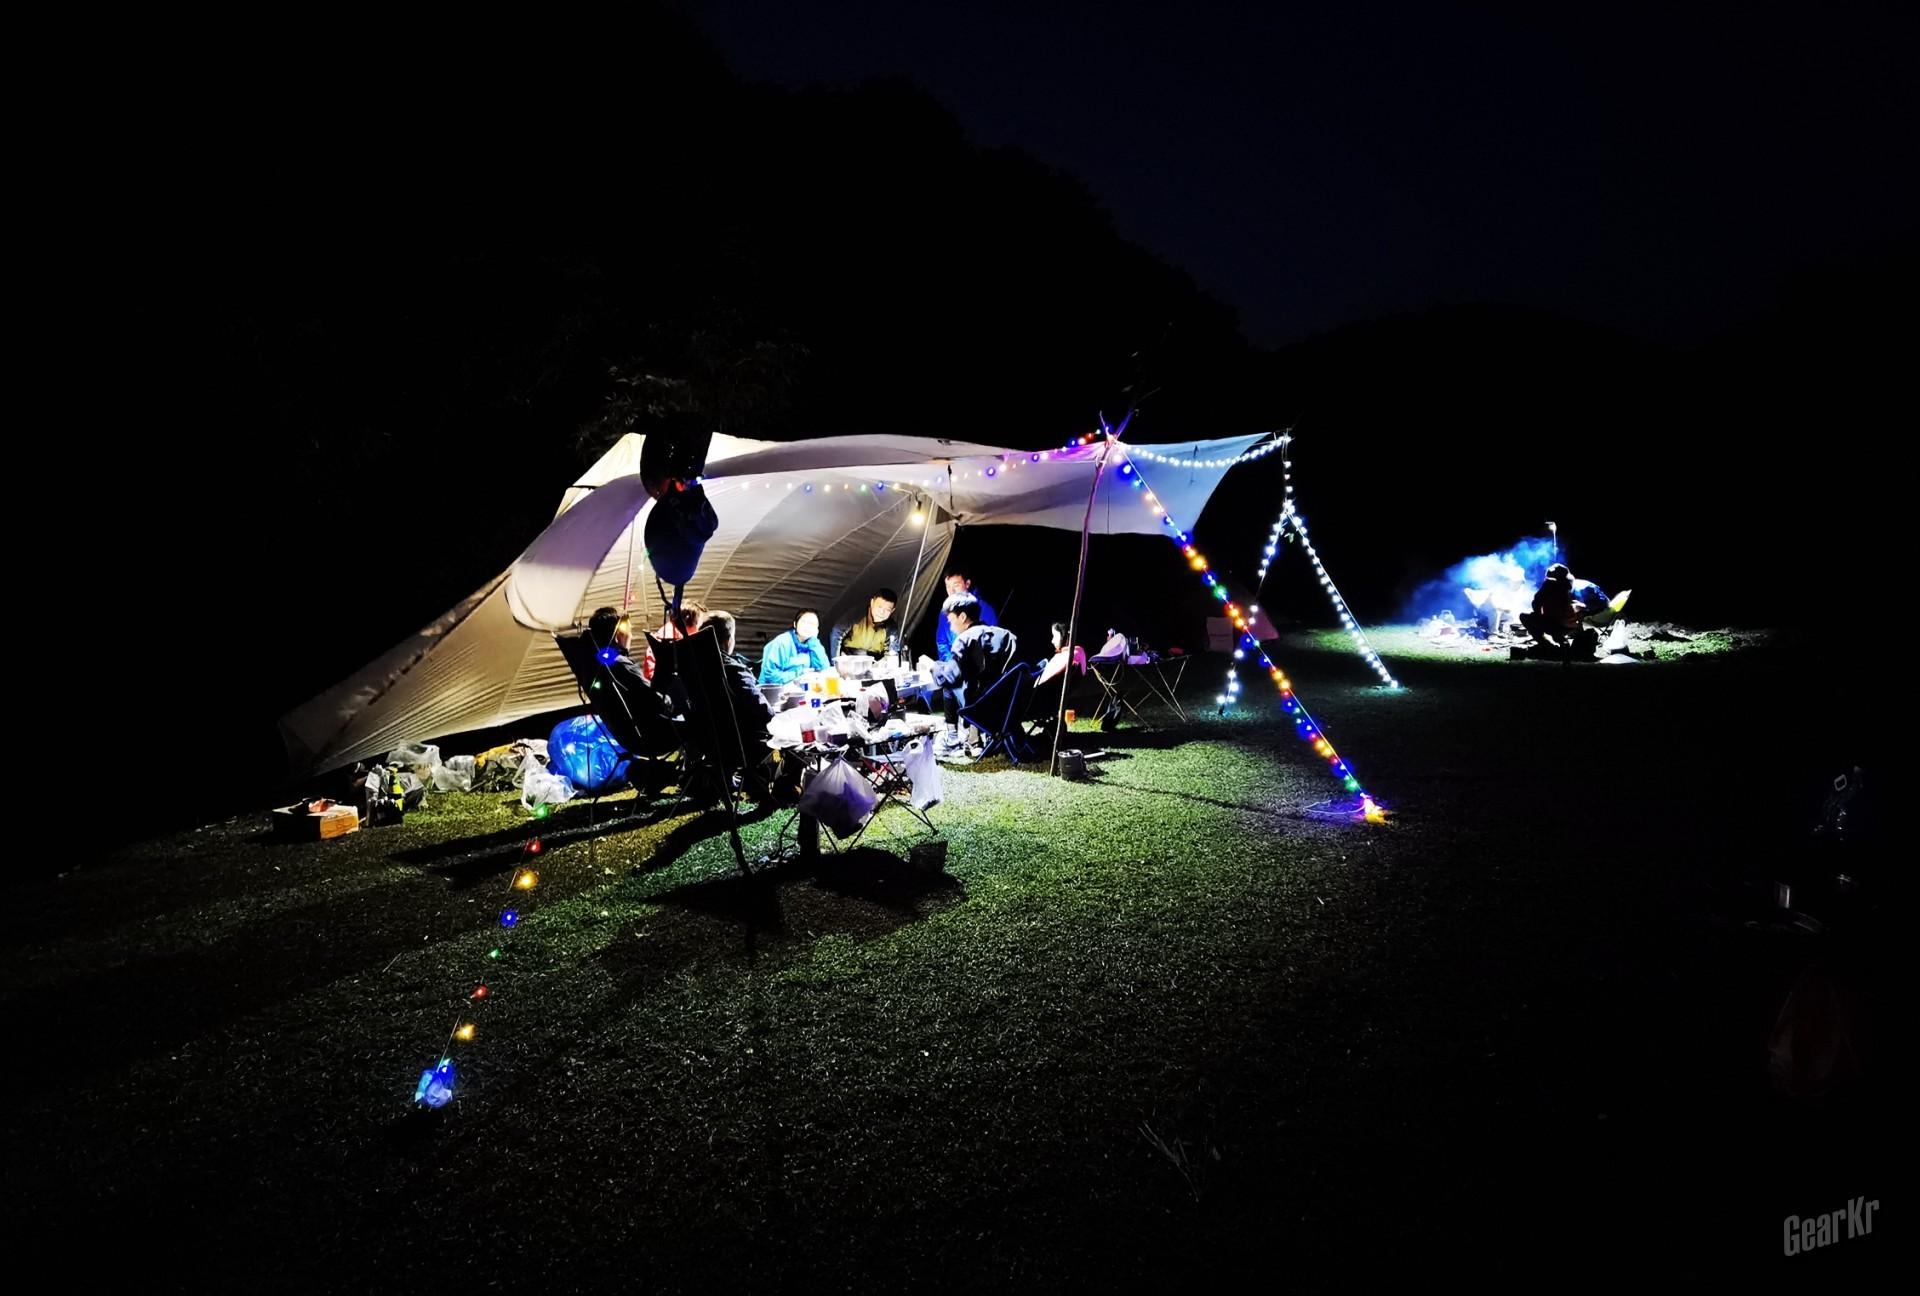 创新与实用并存的照明装备,奈特科尔LR60营地灯简评